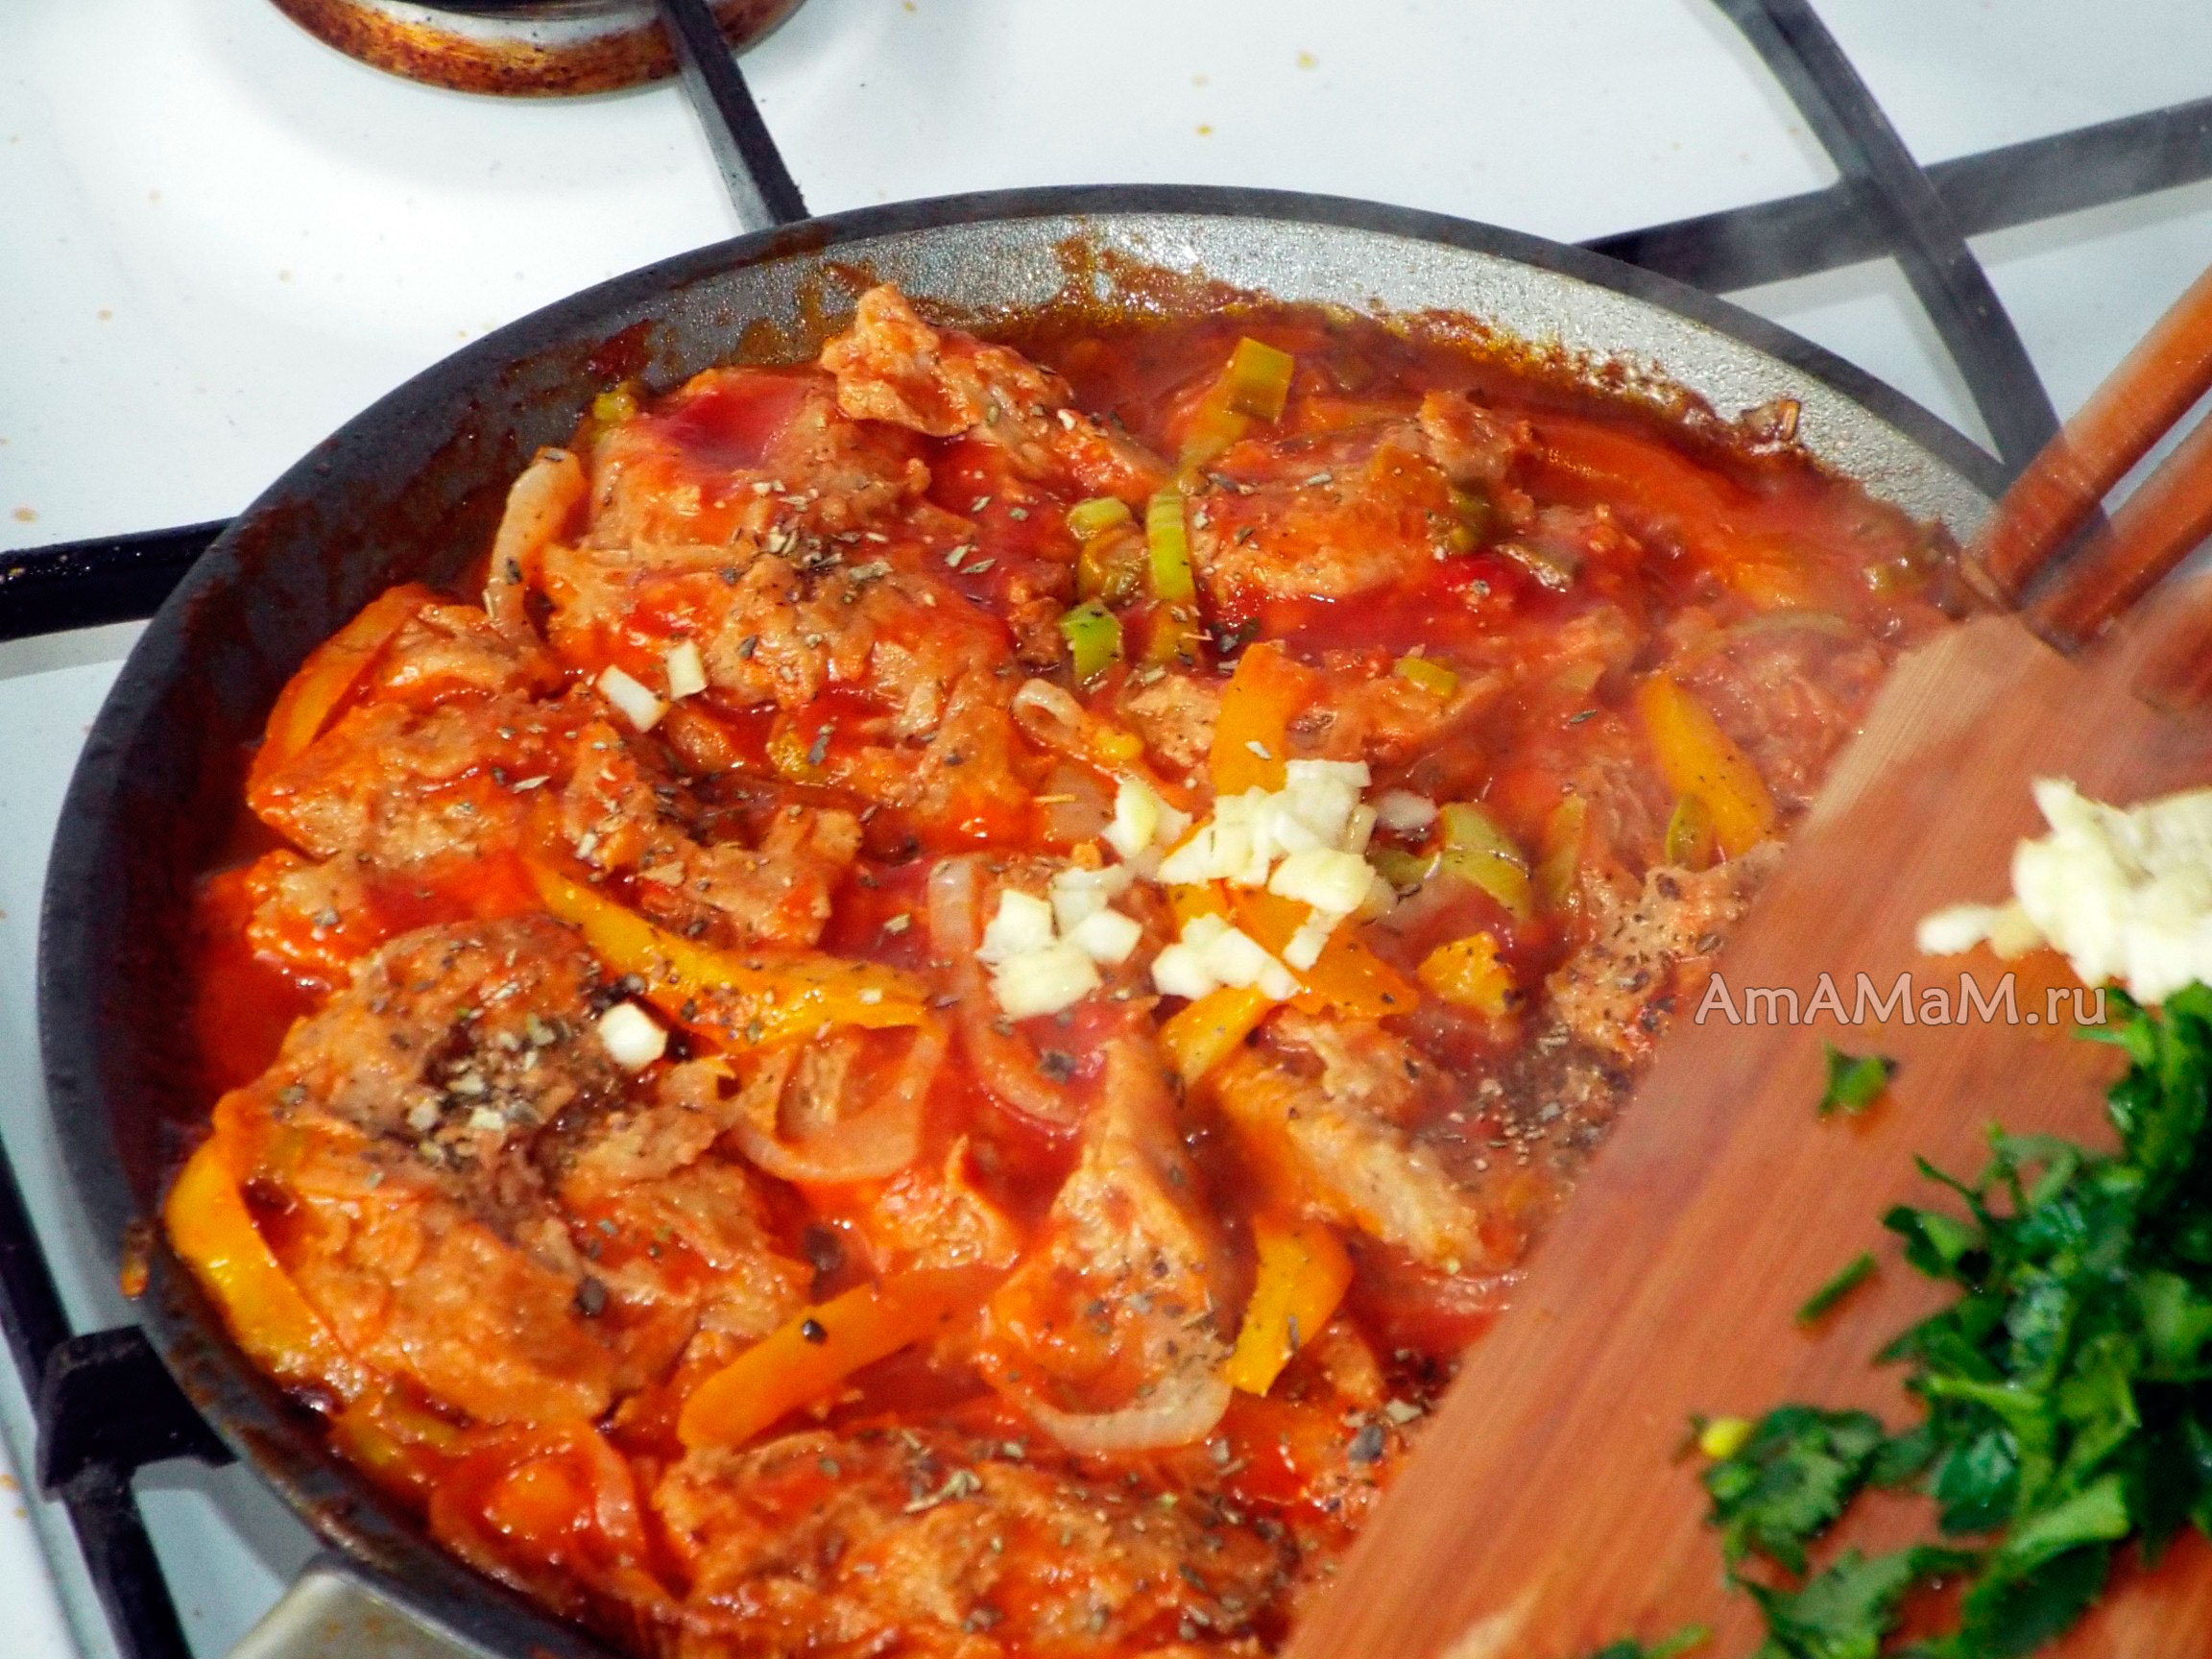 Овощное рагу с мясом в духовке пошаговый рецепт